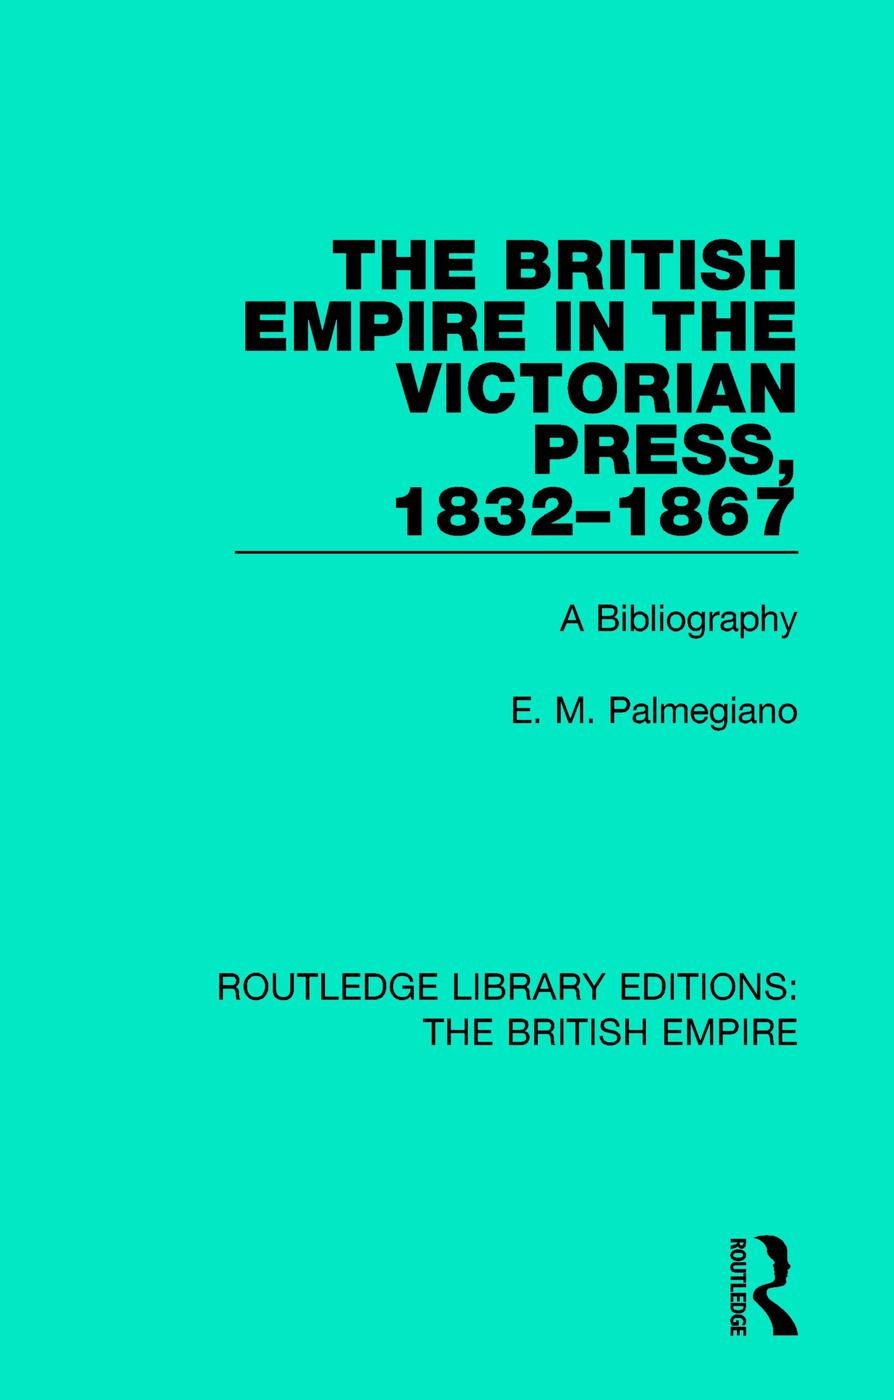 The British Empire in the Victorian Press, 1832-1867